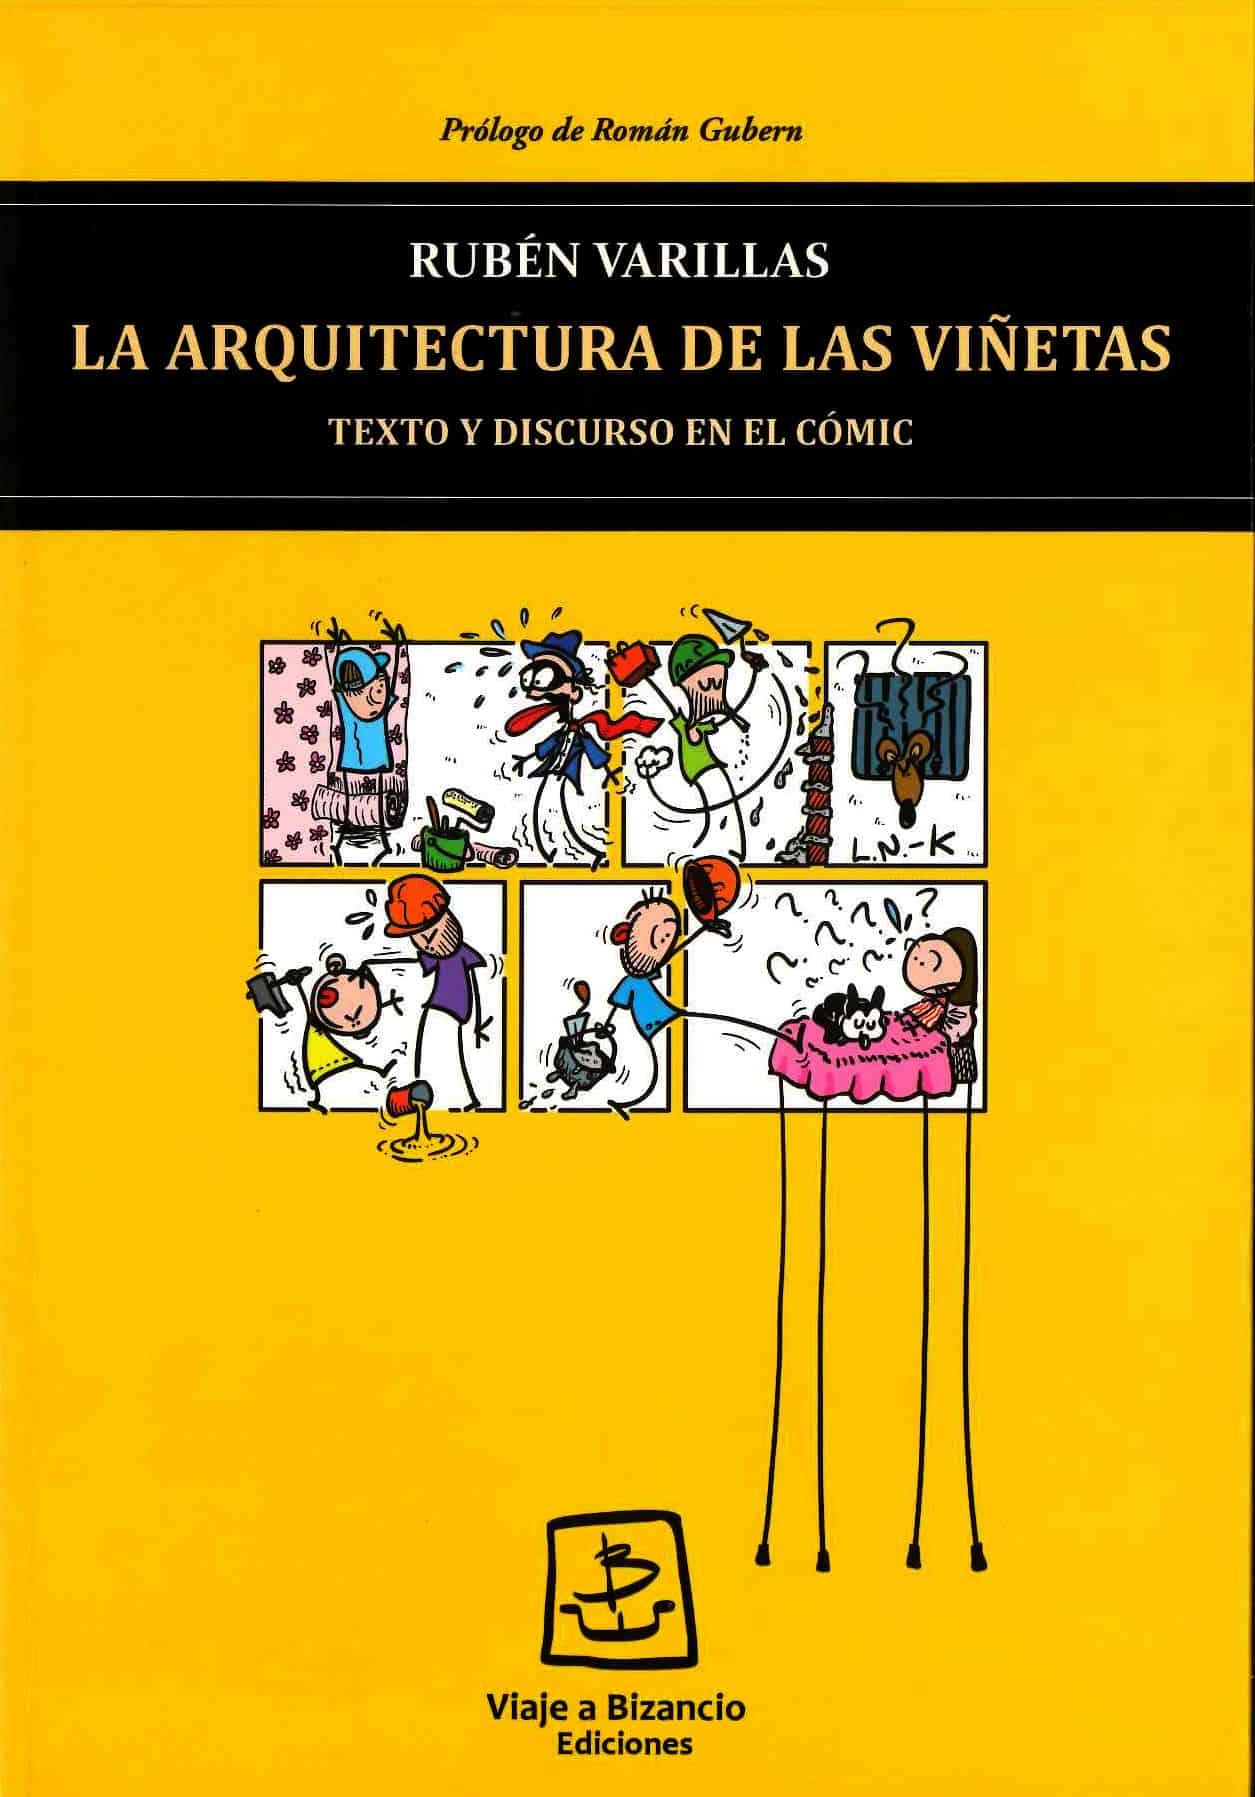 LA ARQUITECTURA DE LAS VIÑETAS. TEXTO Y DISCURSO EN EL COMIC